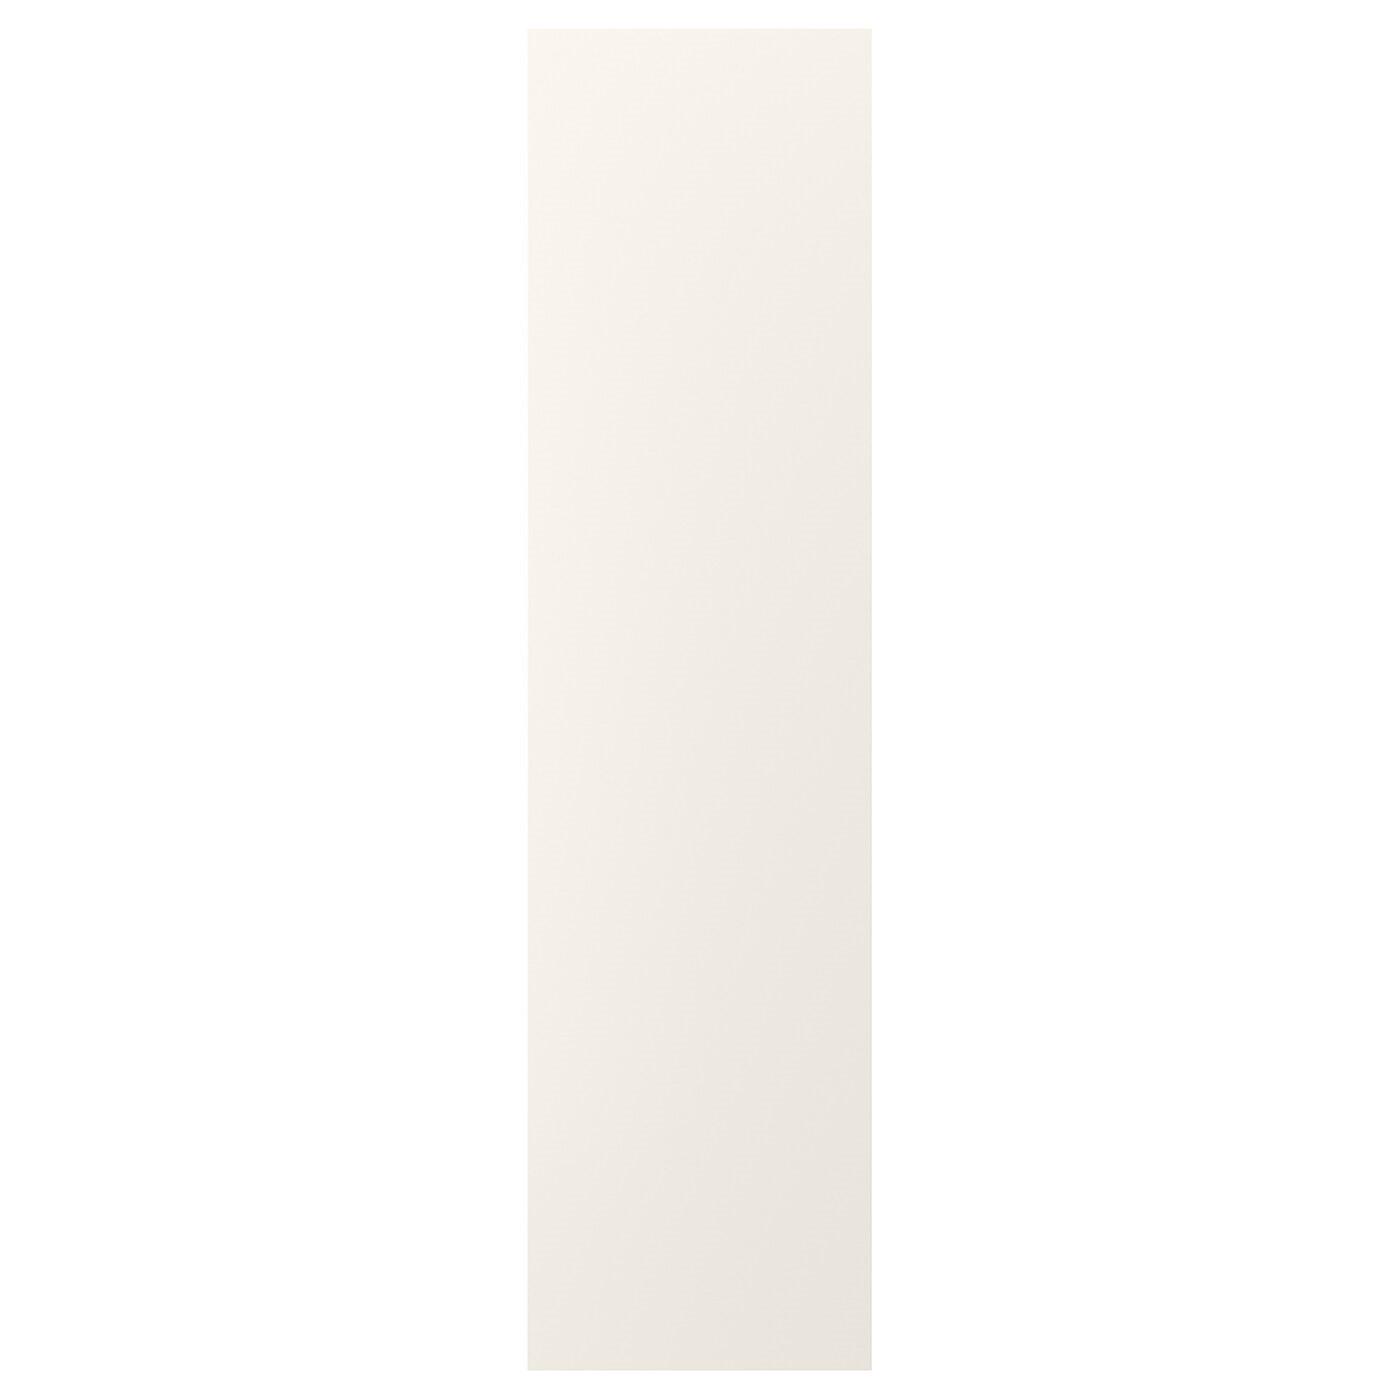 IKEA FÖRBÄTTRA накладная панель белый с оттенком 61.5x240 см 50205725